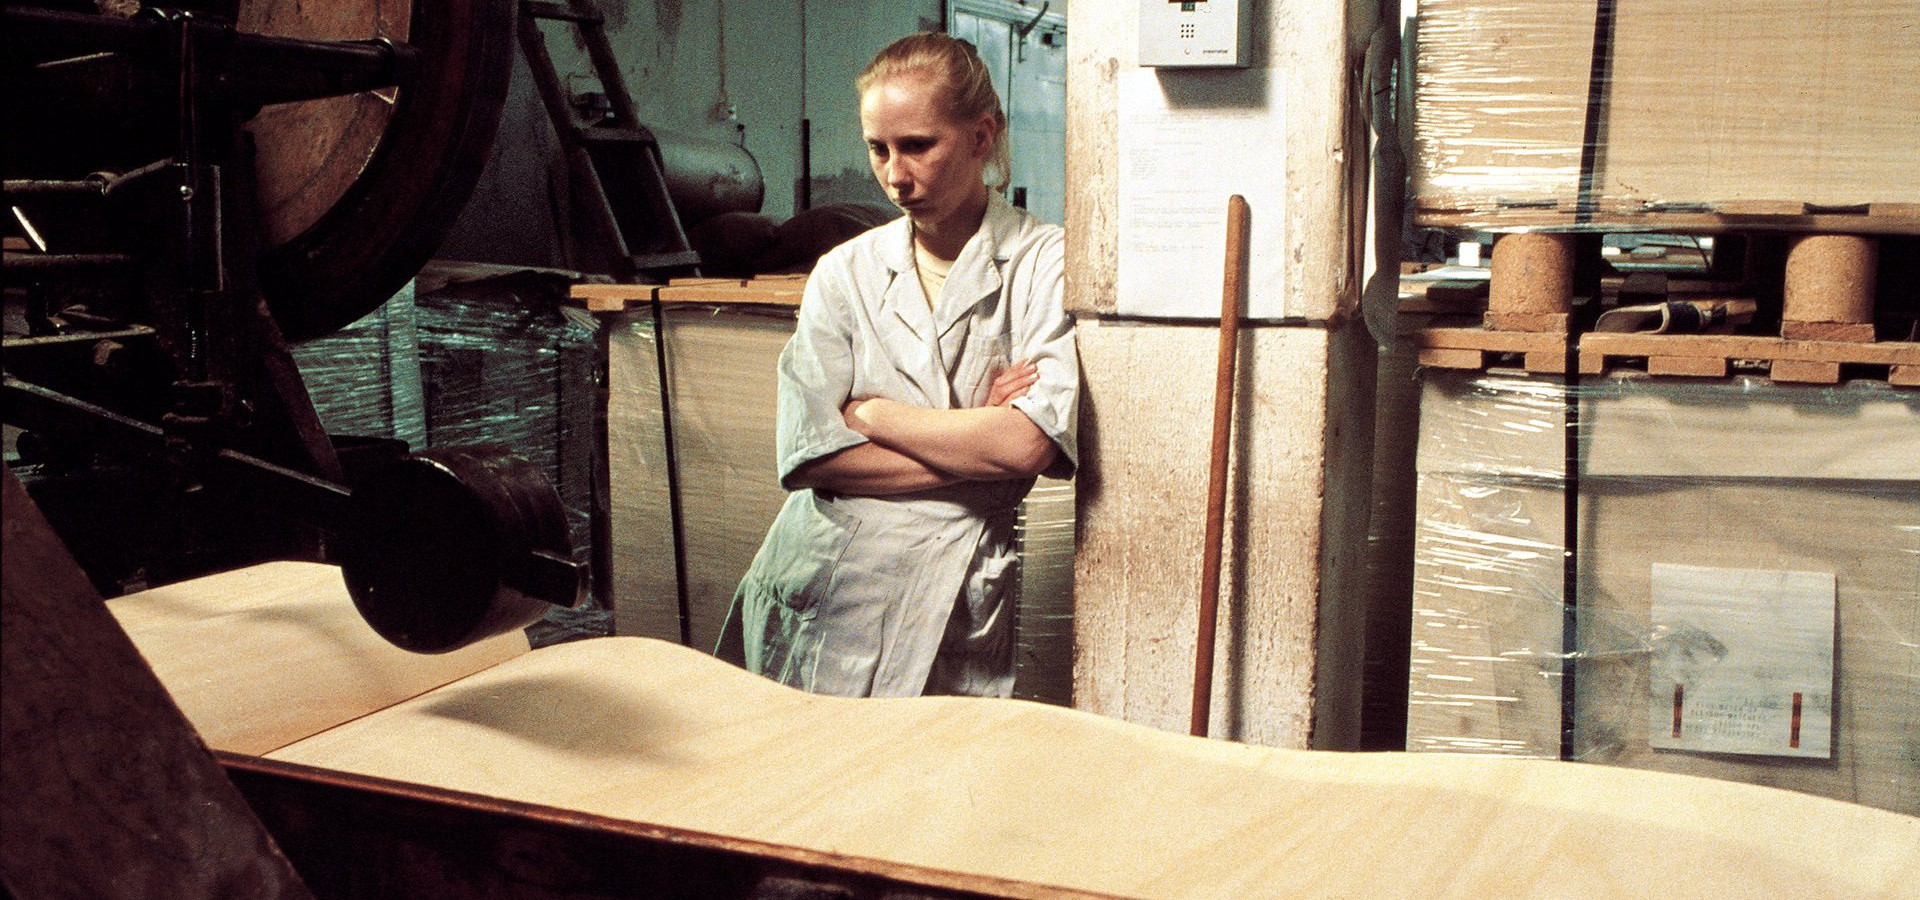 Das Mädchen aus der Streichholzfabrik